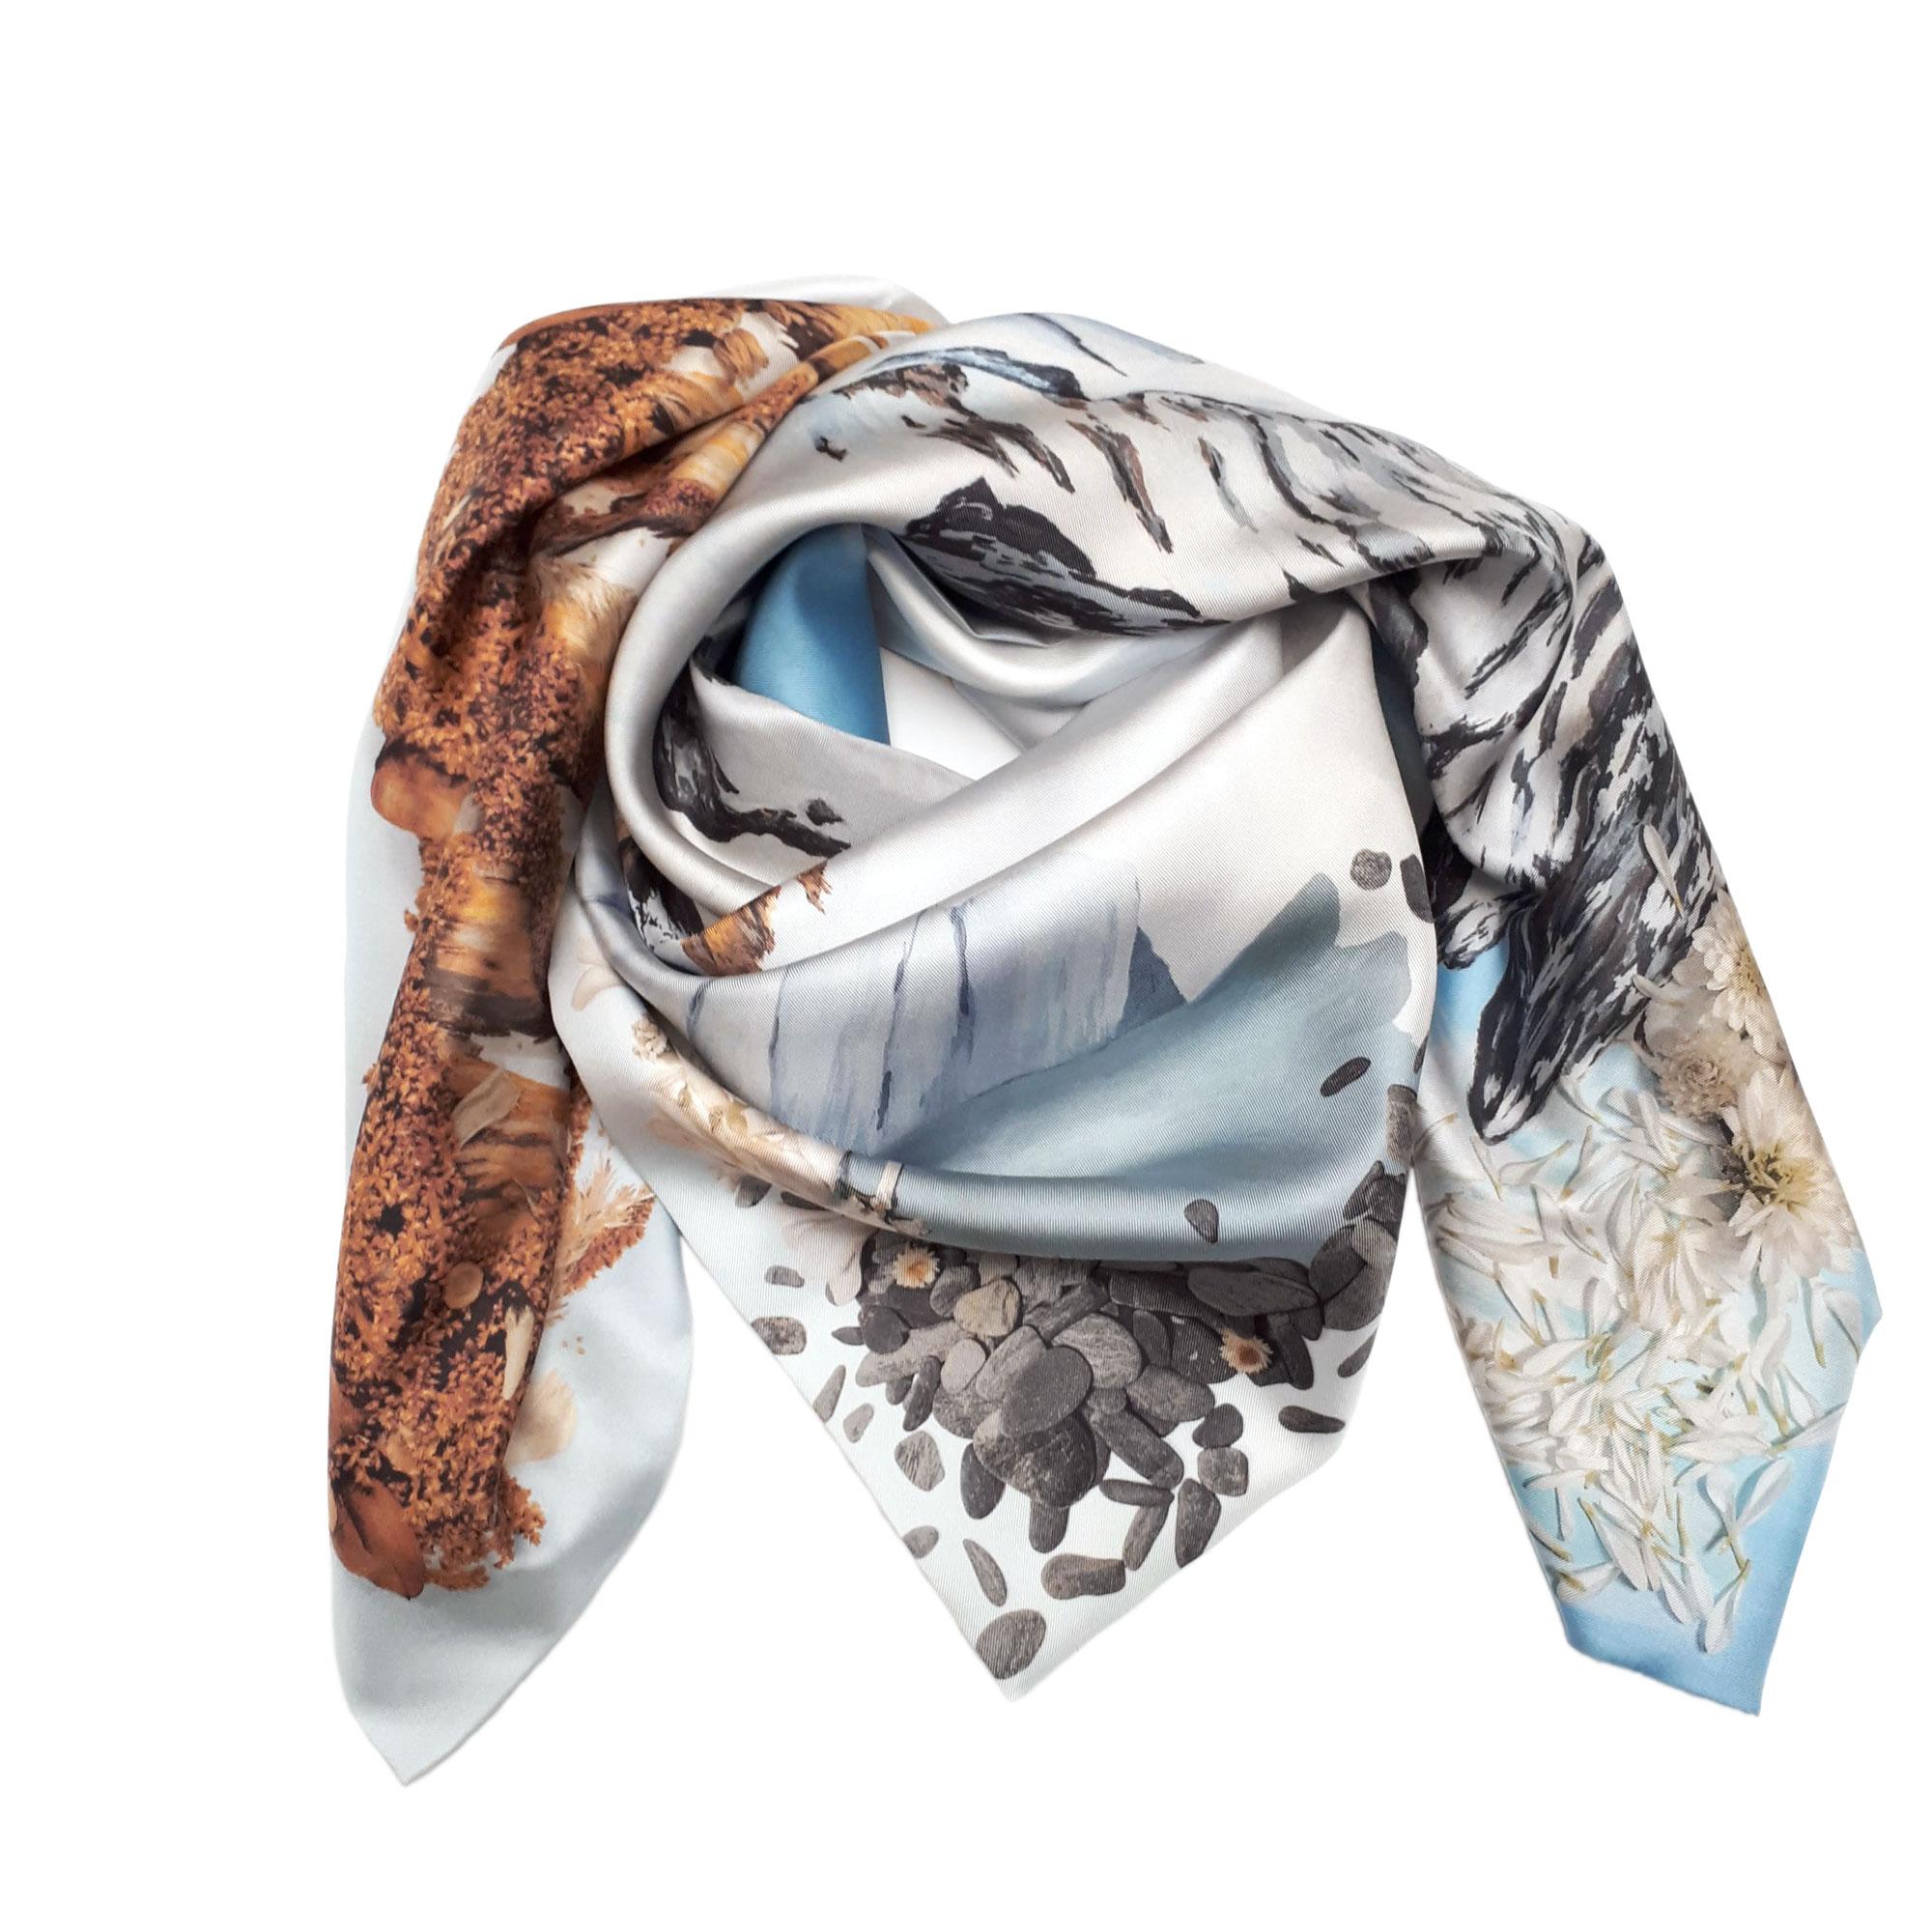 Foulard carré en soie avec paysages de montagnes et sommets enneigés de Céline Dominiak noué